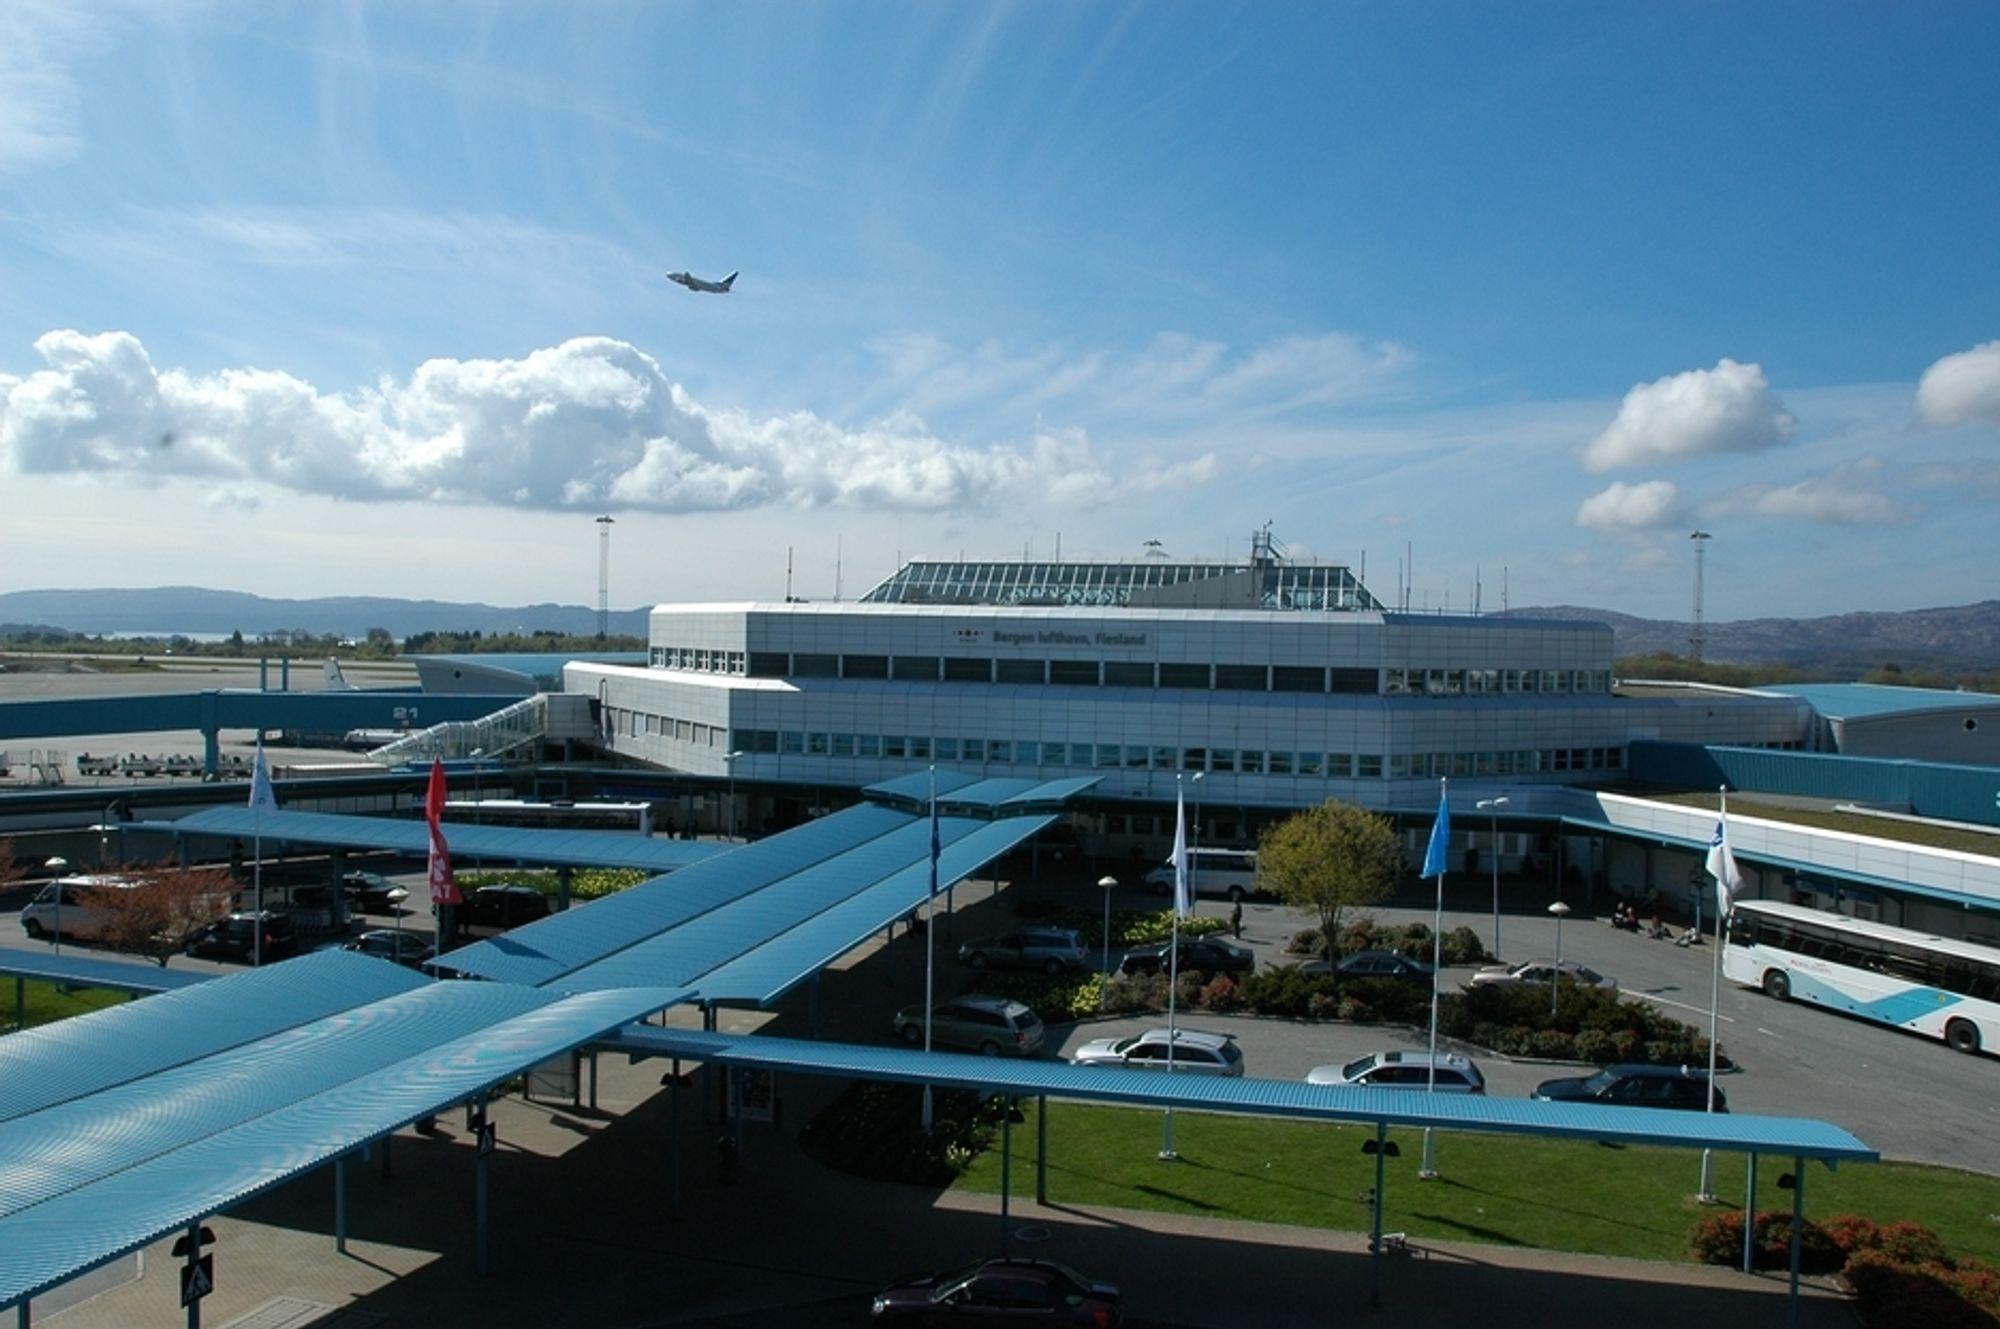 SPRENGT: I fjor reiste 4,8 millioner passasjerer til og fra Bergen lufthavn Flesland. Terminalen er bygget for kun 2 millioner passasjerer, men i første omgang er det forbedret flykapasitet som prioriteres i utbyggingen.